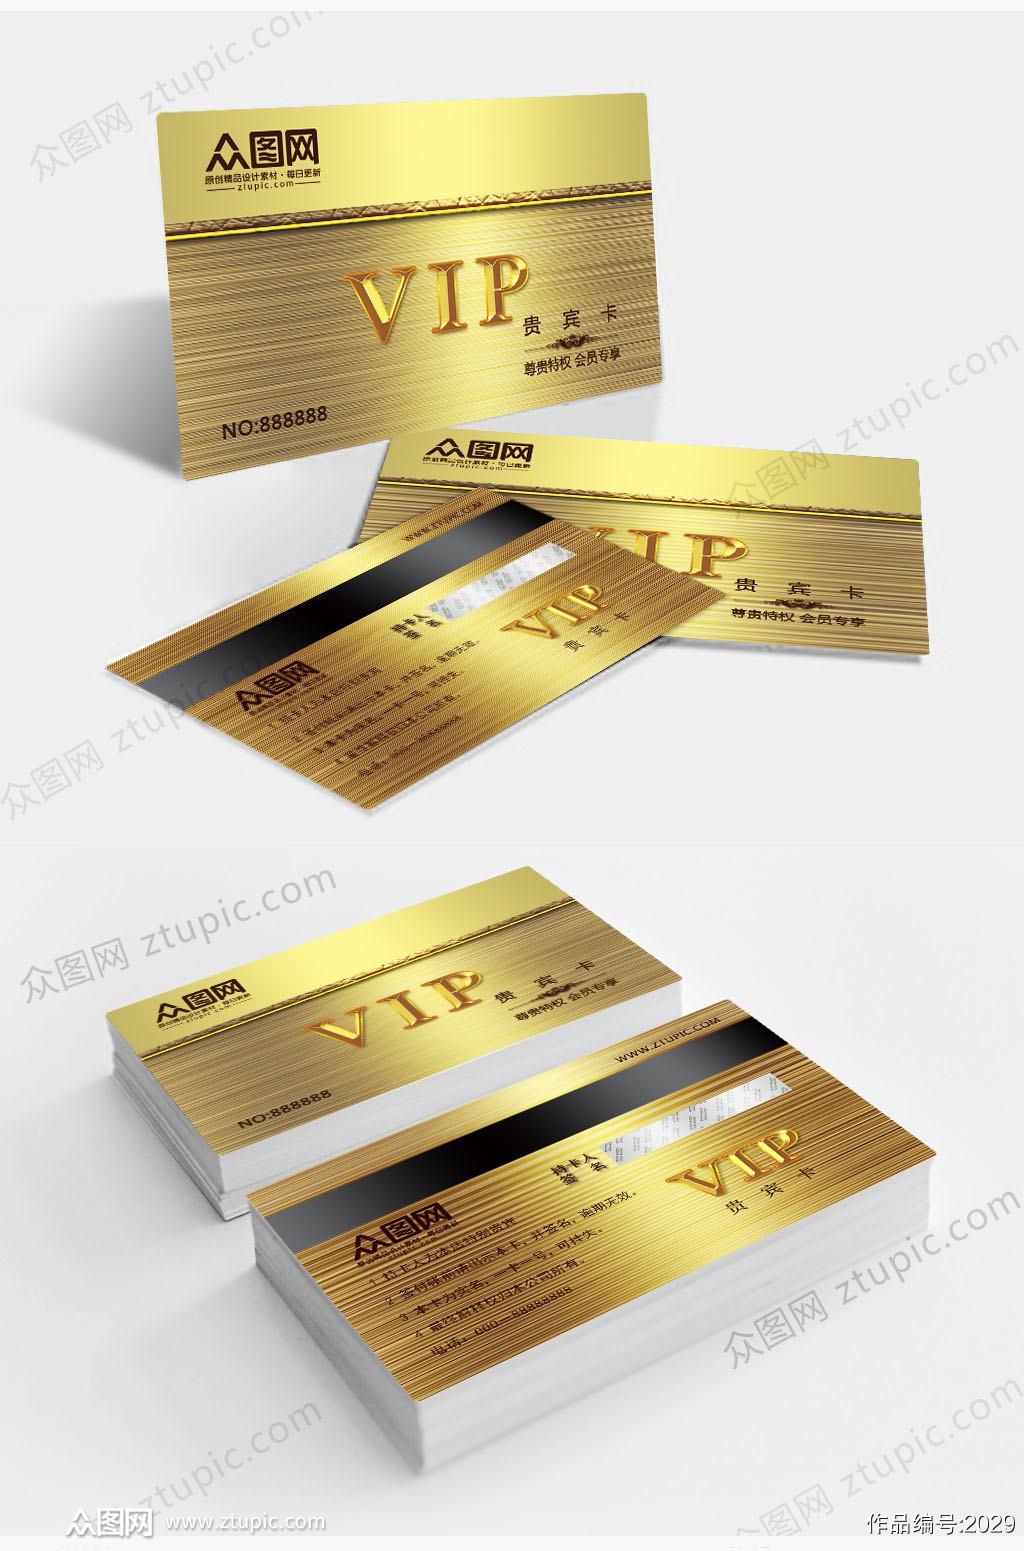 金色高档vip卡素材